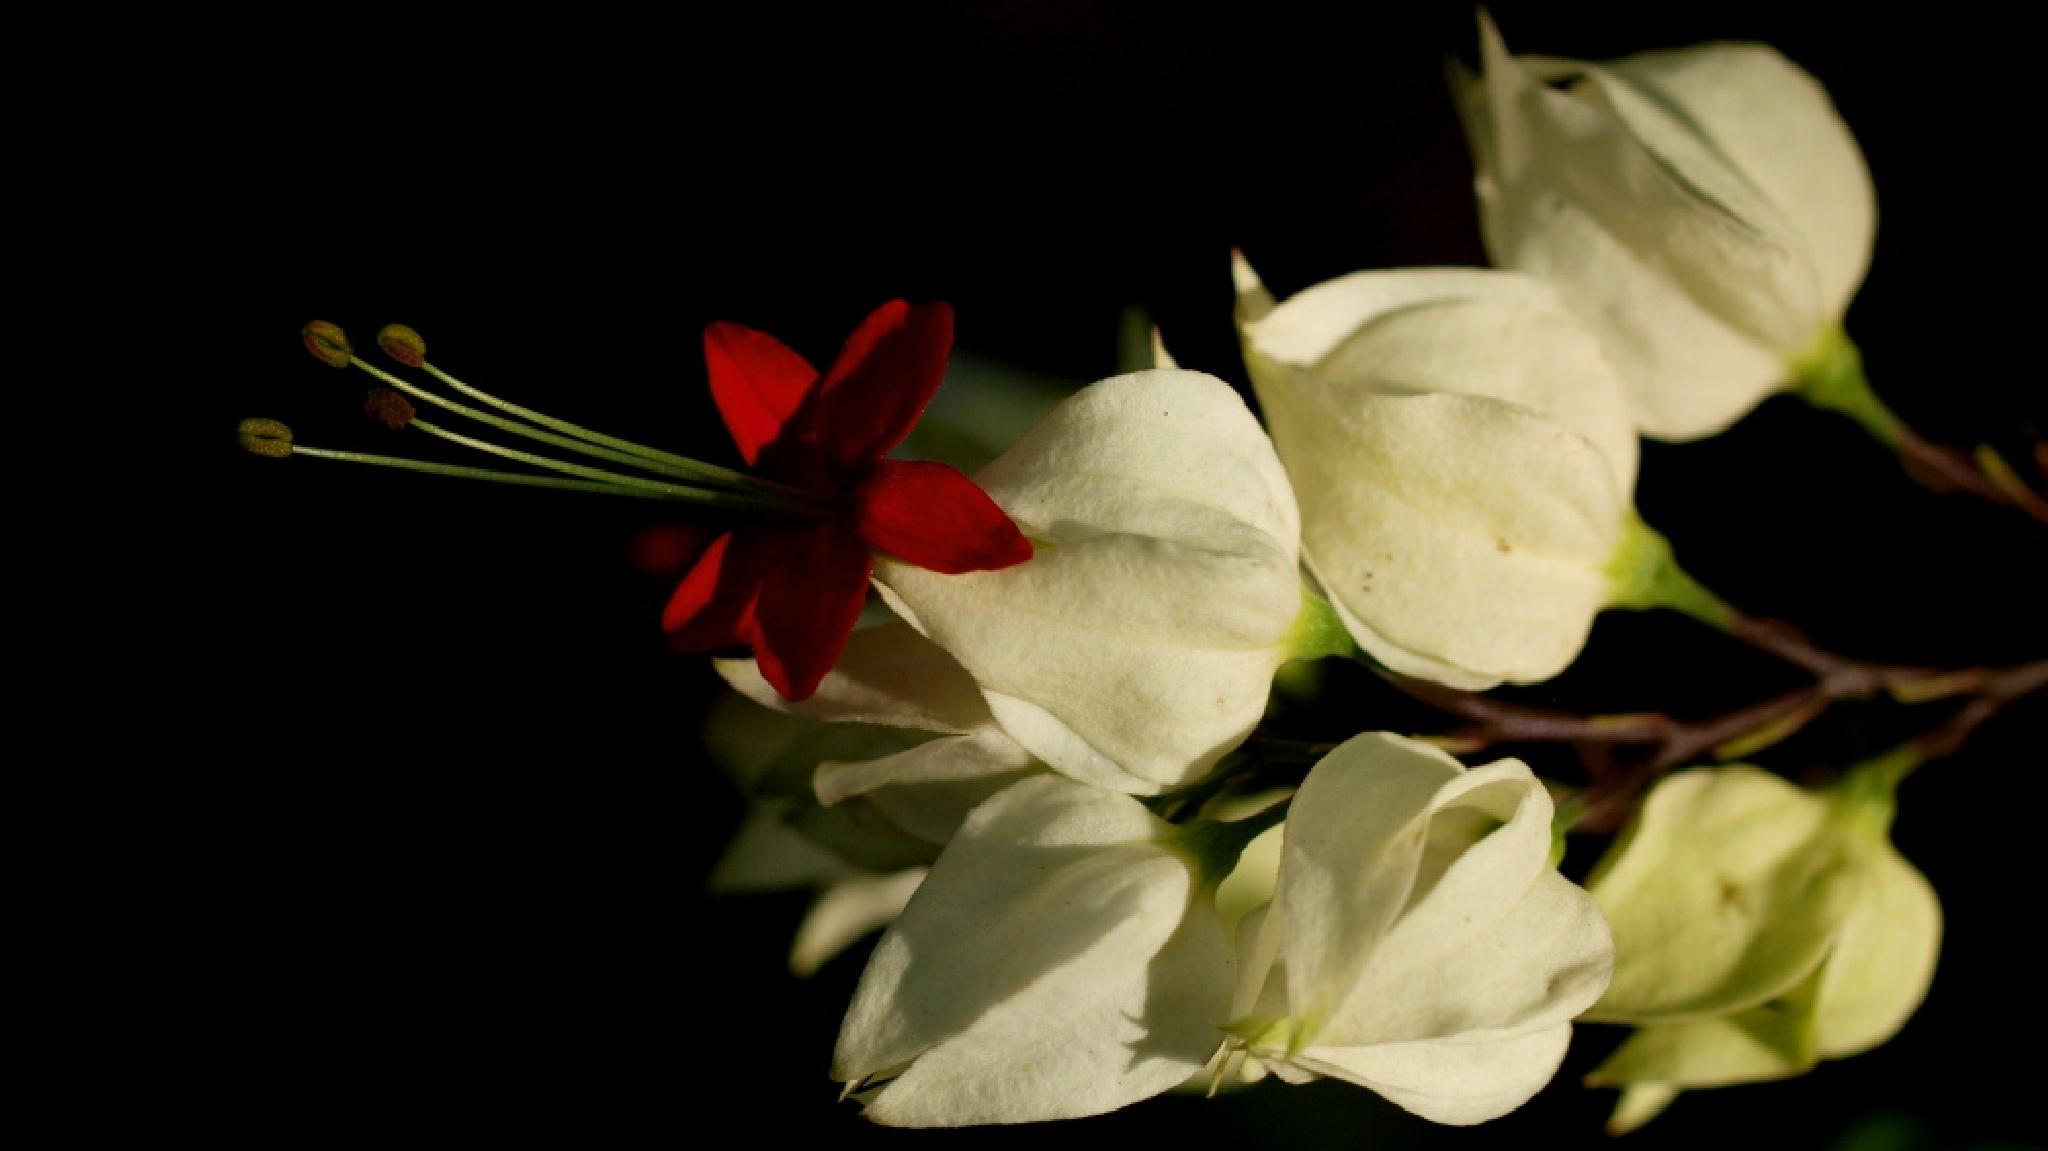 Merak flowers by ariestrialfandie